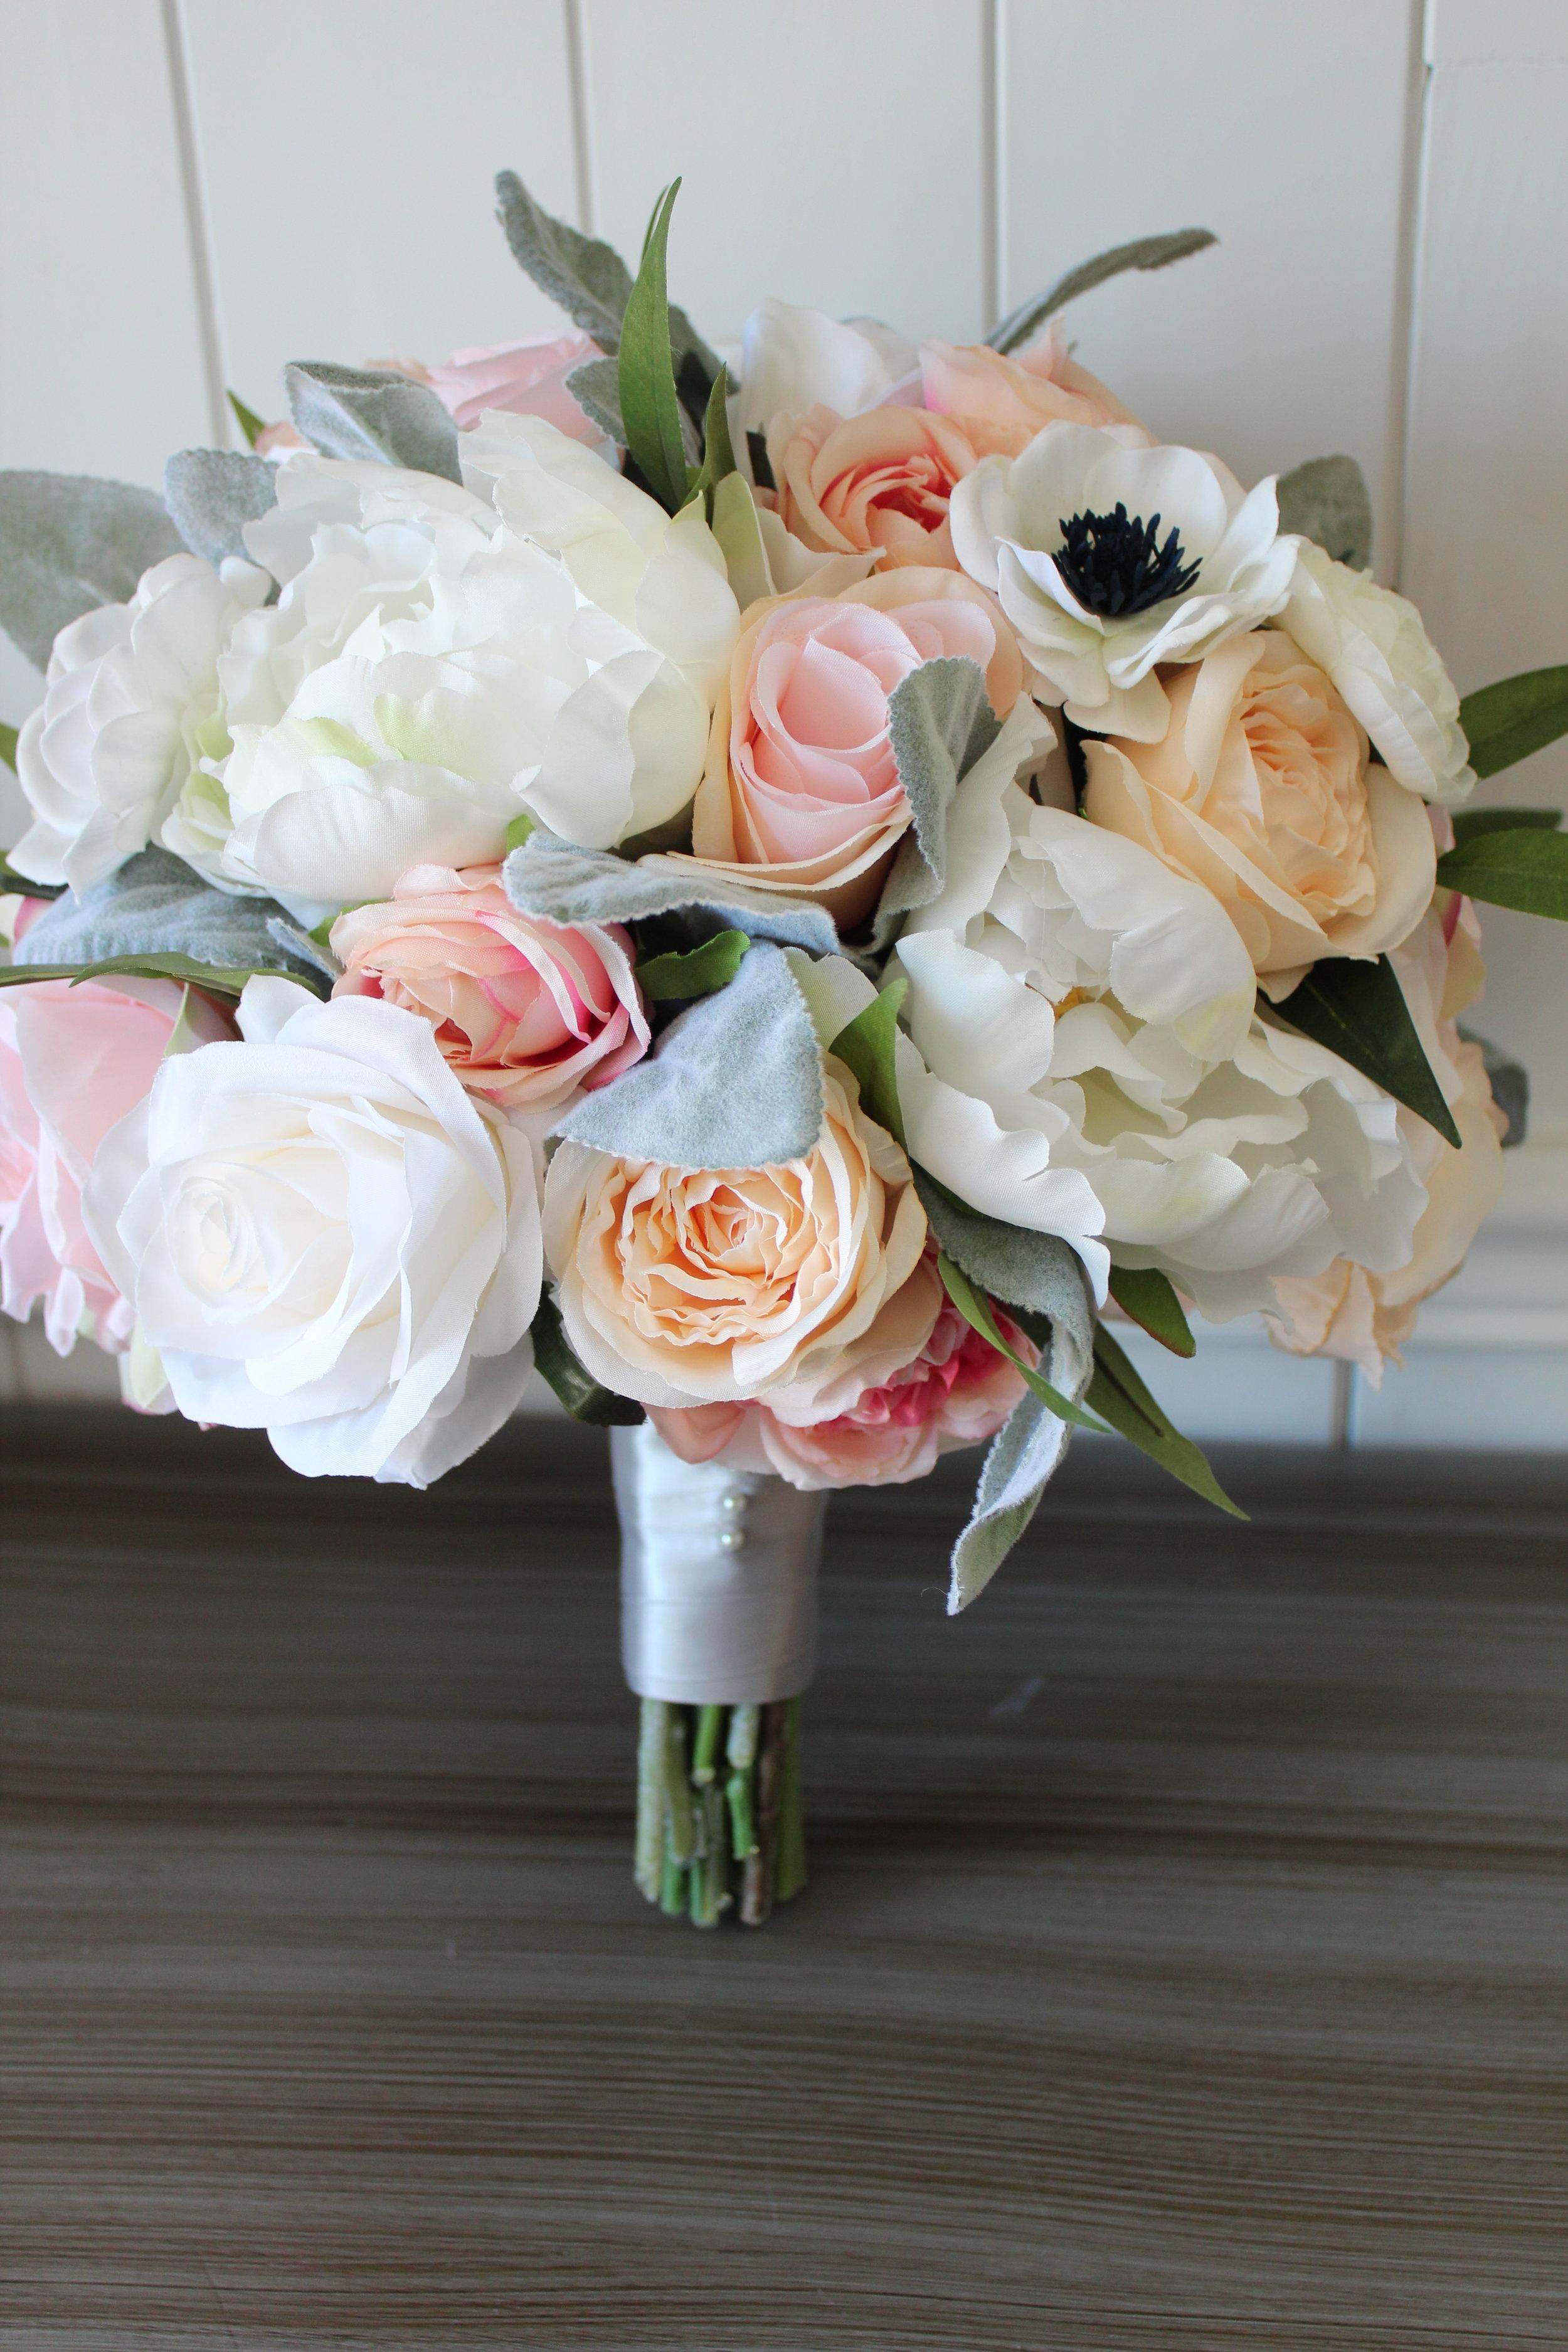 fresh-wedding-flowers-silk-bridal-bouquet-recreation.jpg